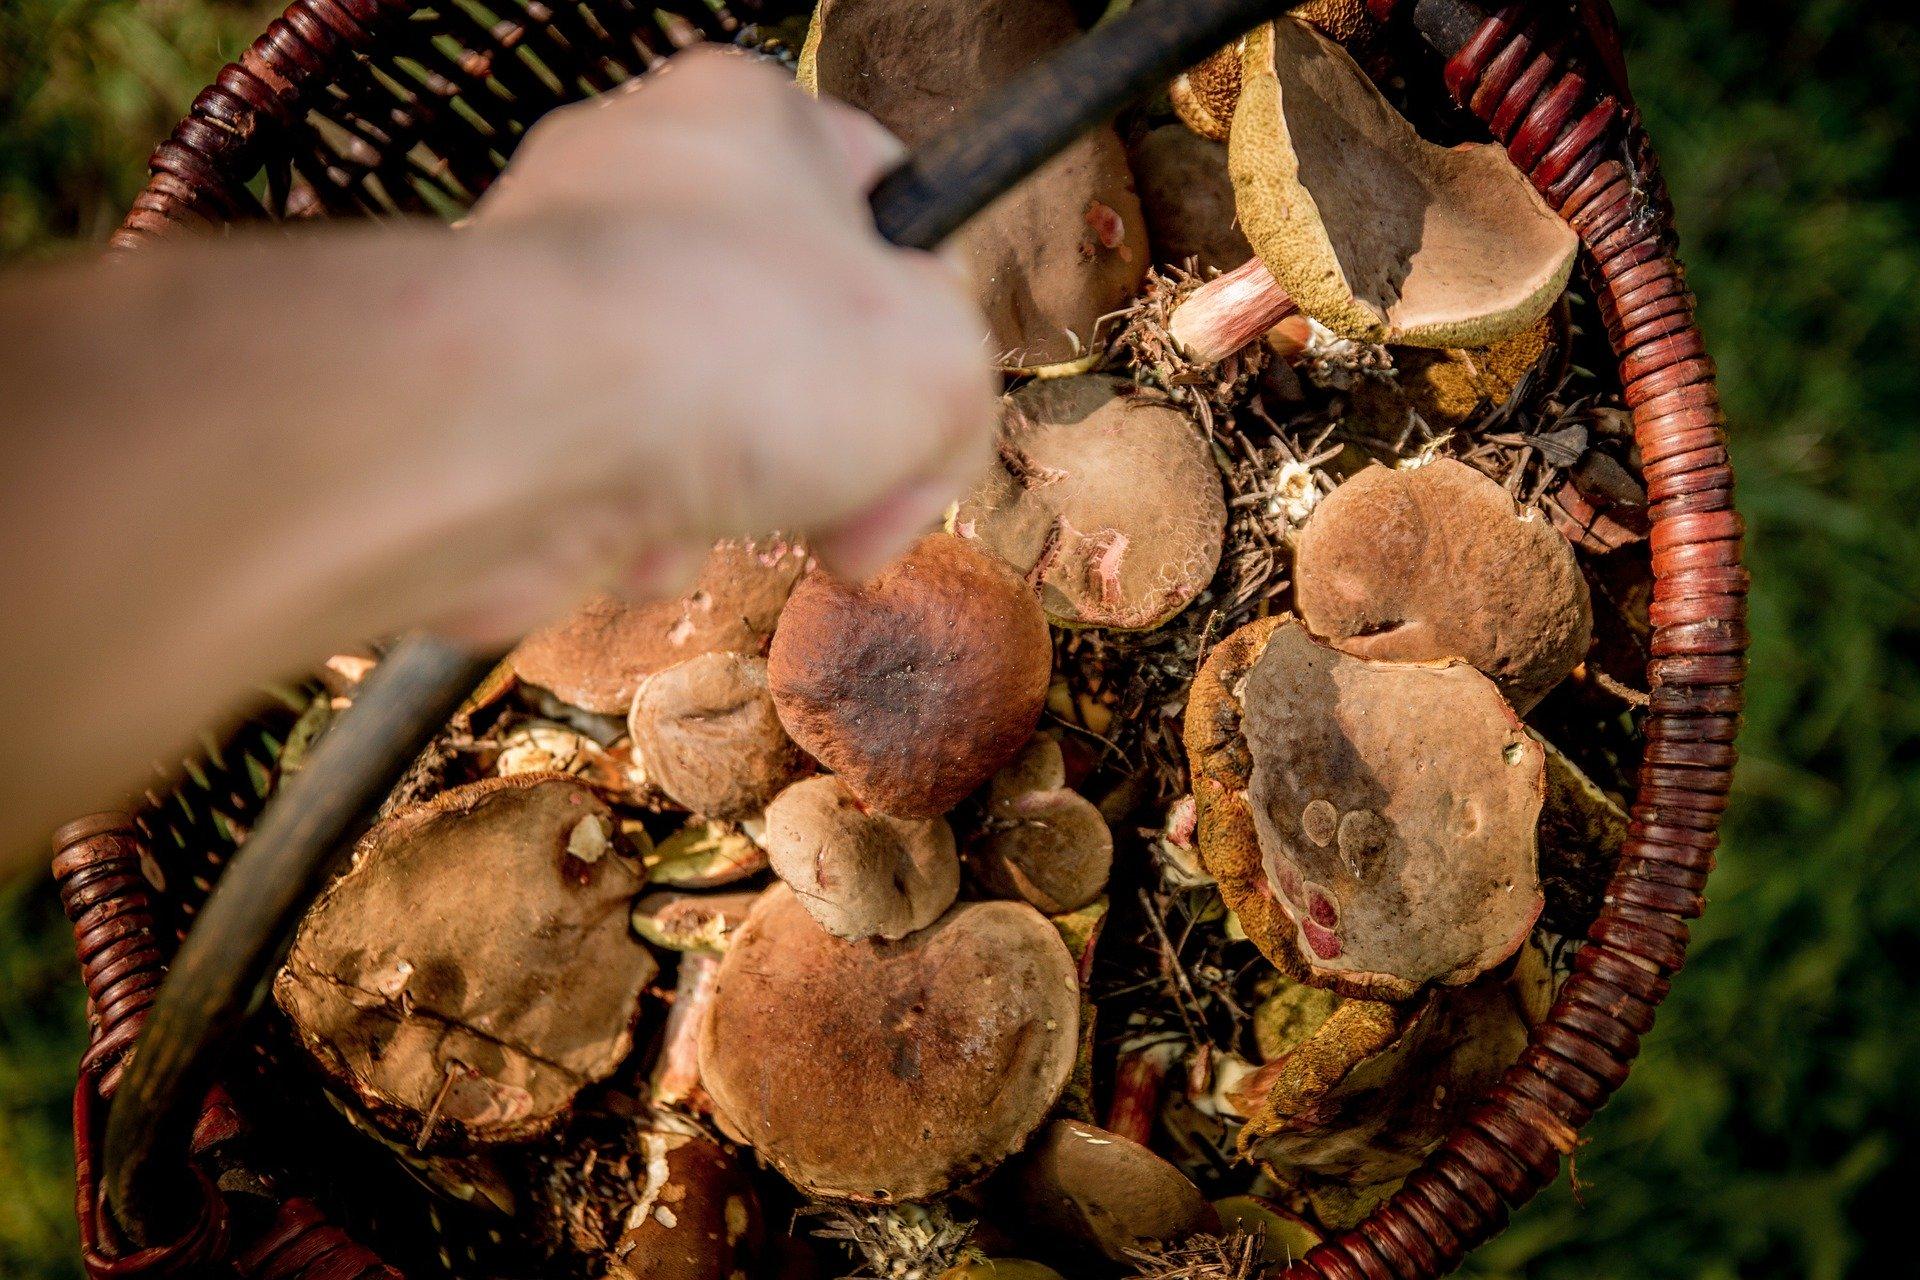 Nie kupuj grzybów przy drodze. Sprzedawca musi mieć atest - Zdjęcie główne